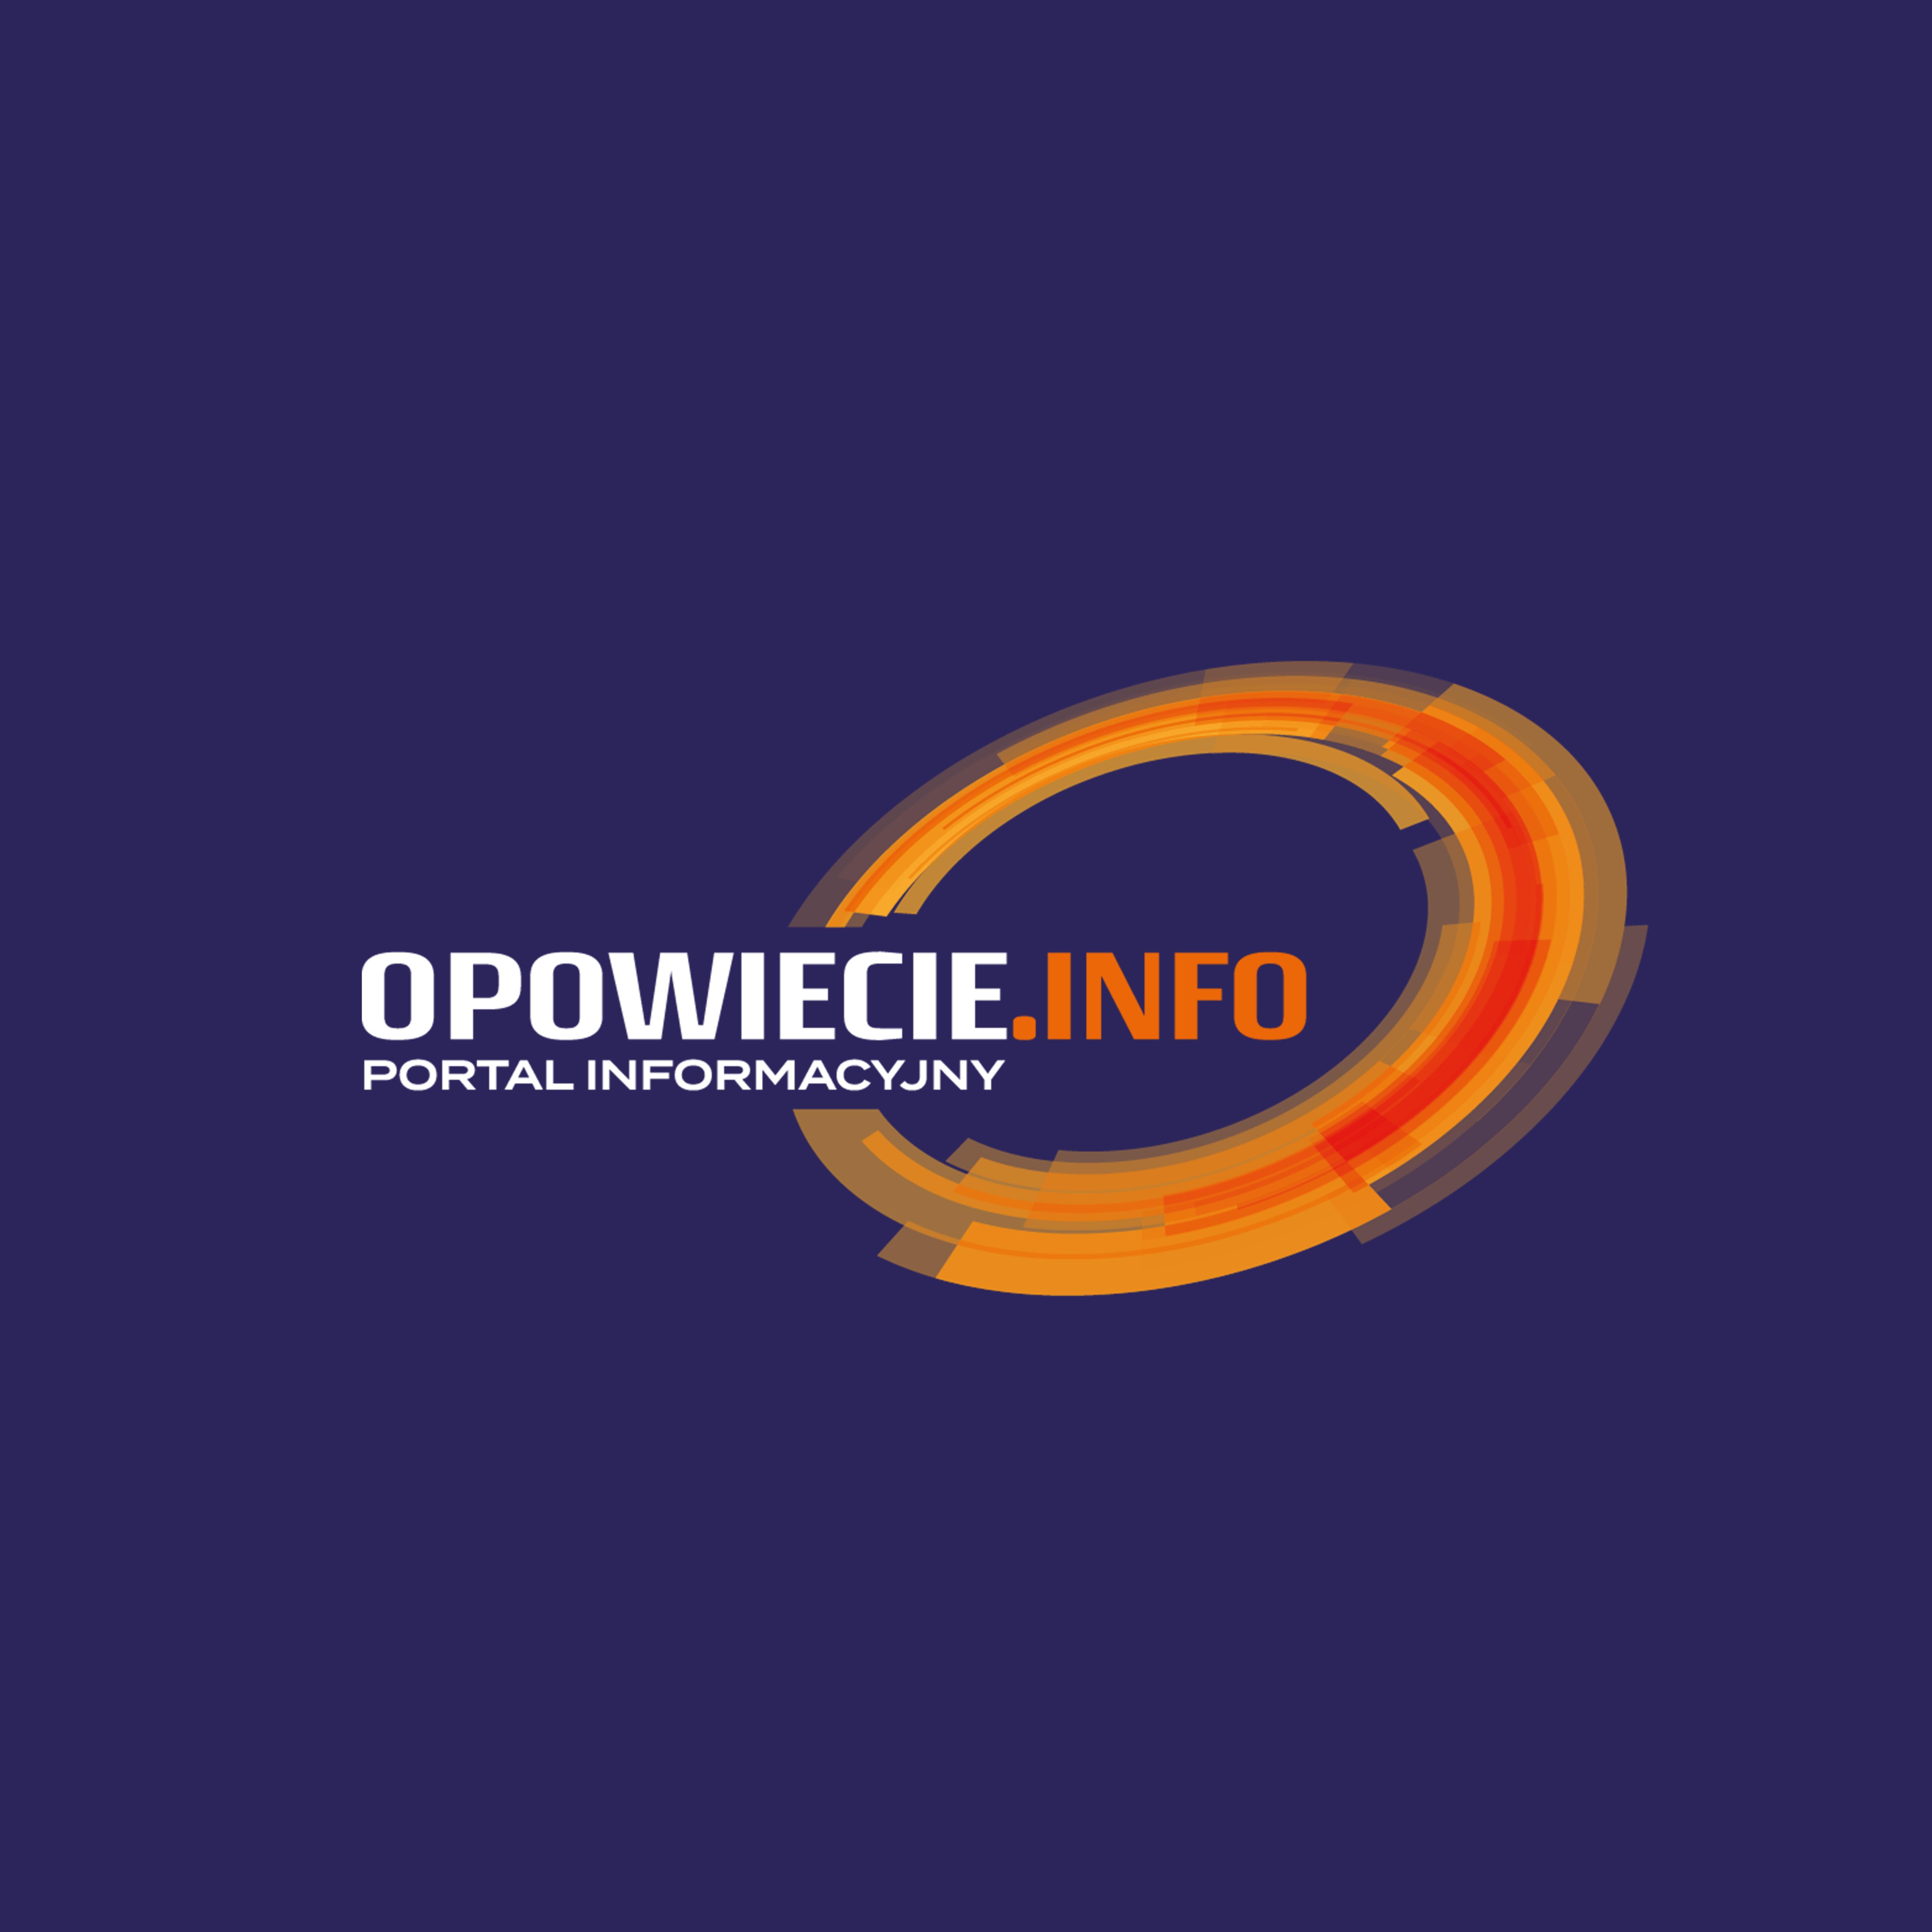 opowiecie.info-avatar